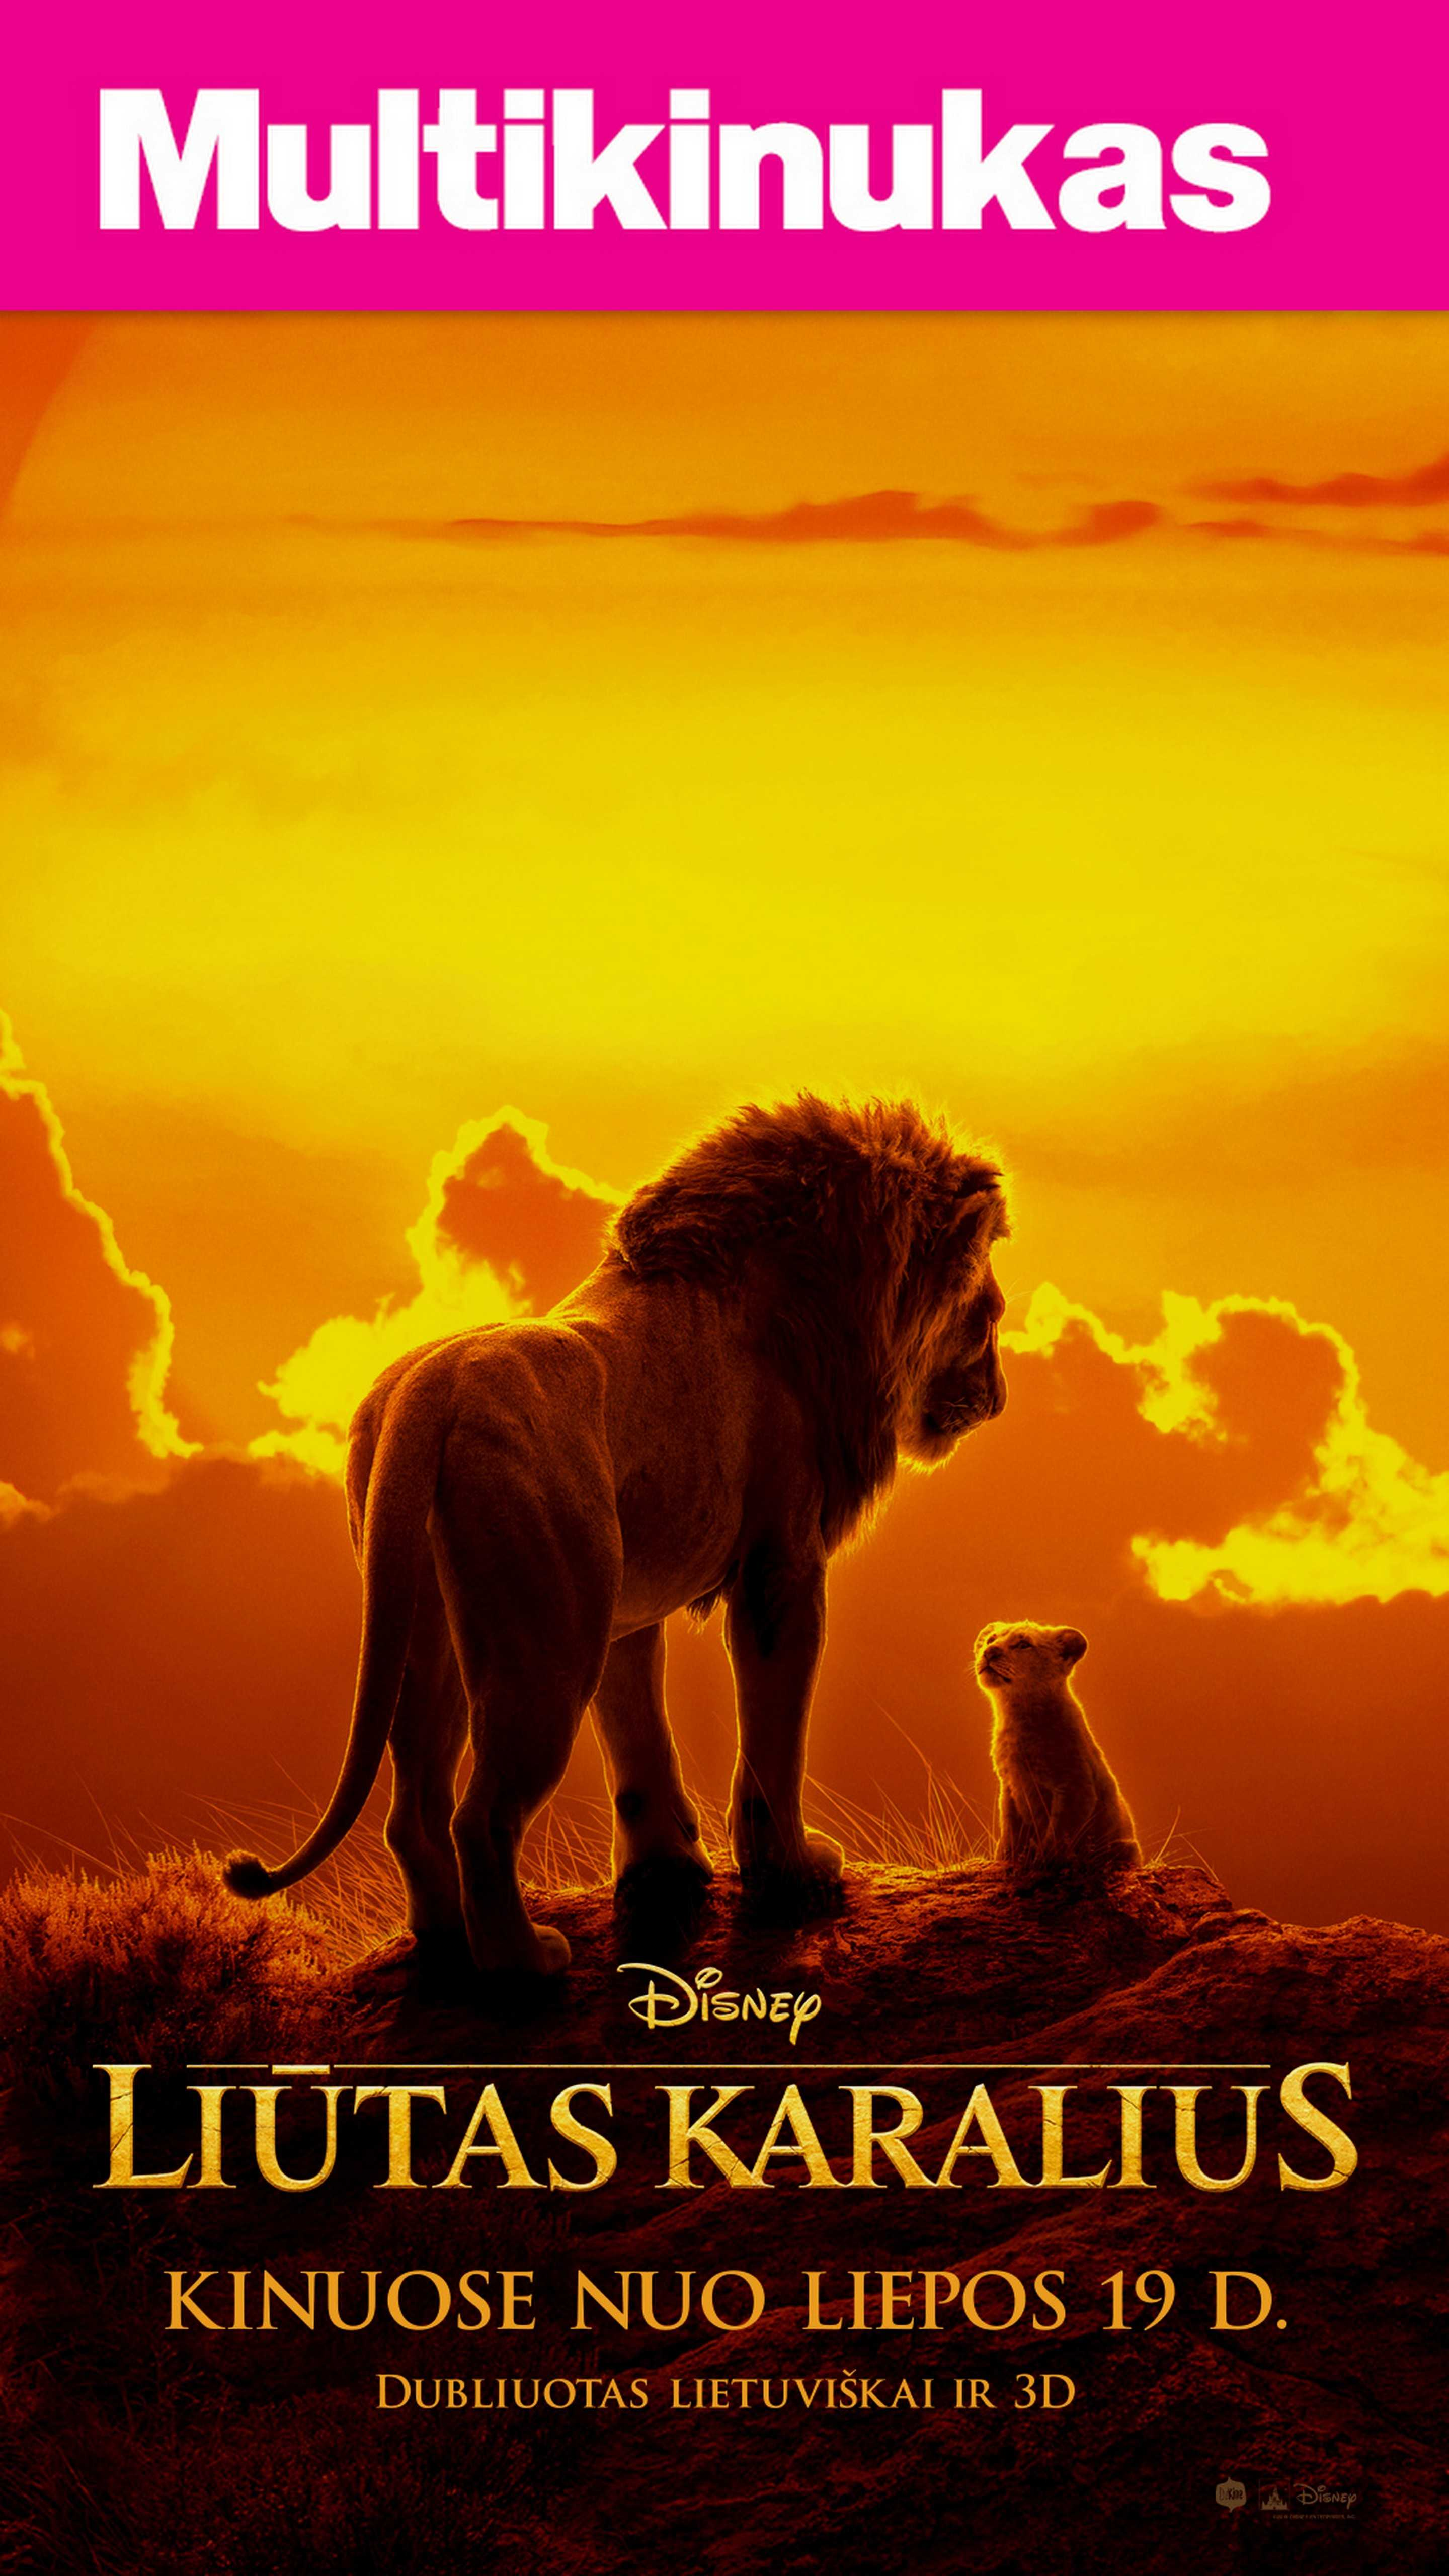 Multikinukas: LIŪTAS KARALIUS (Lion King)